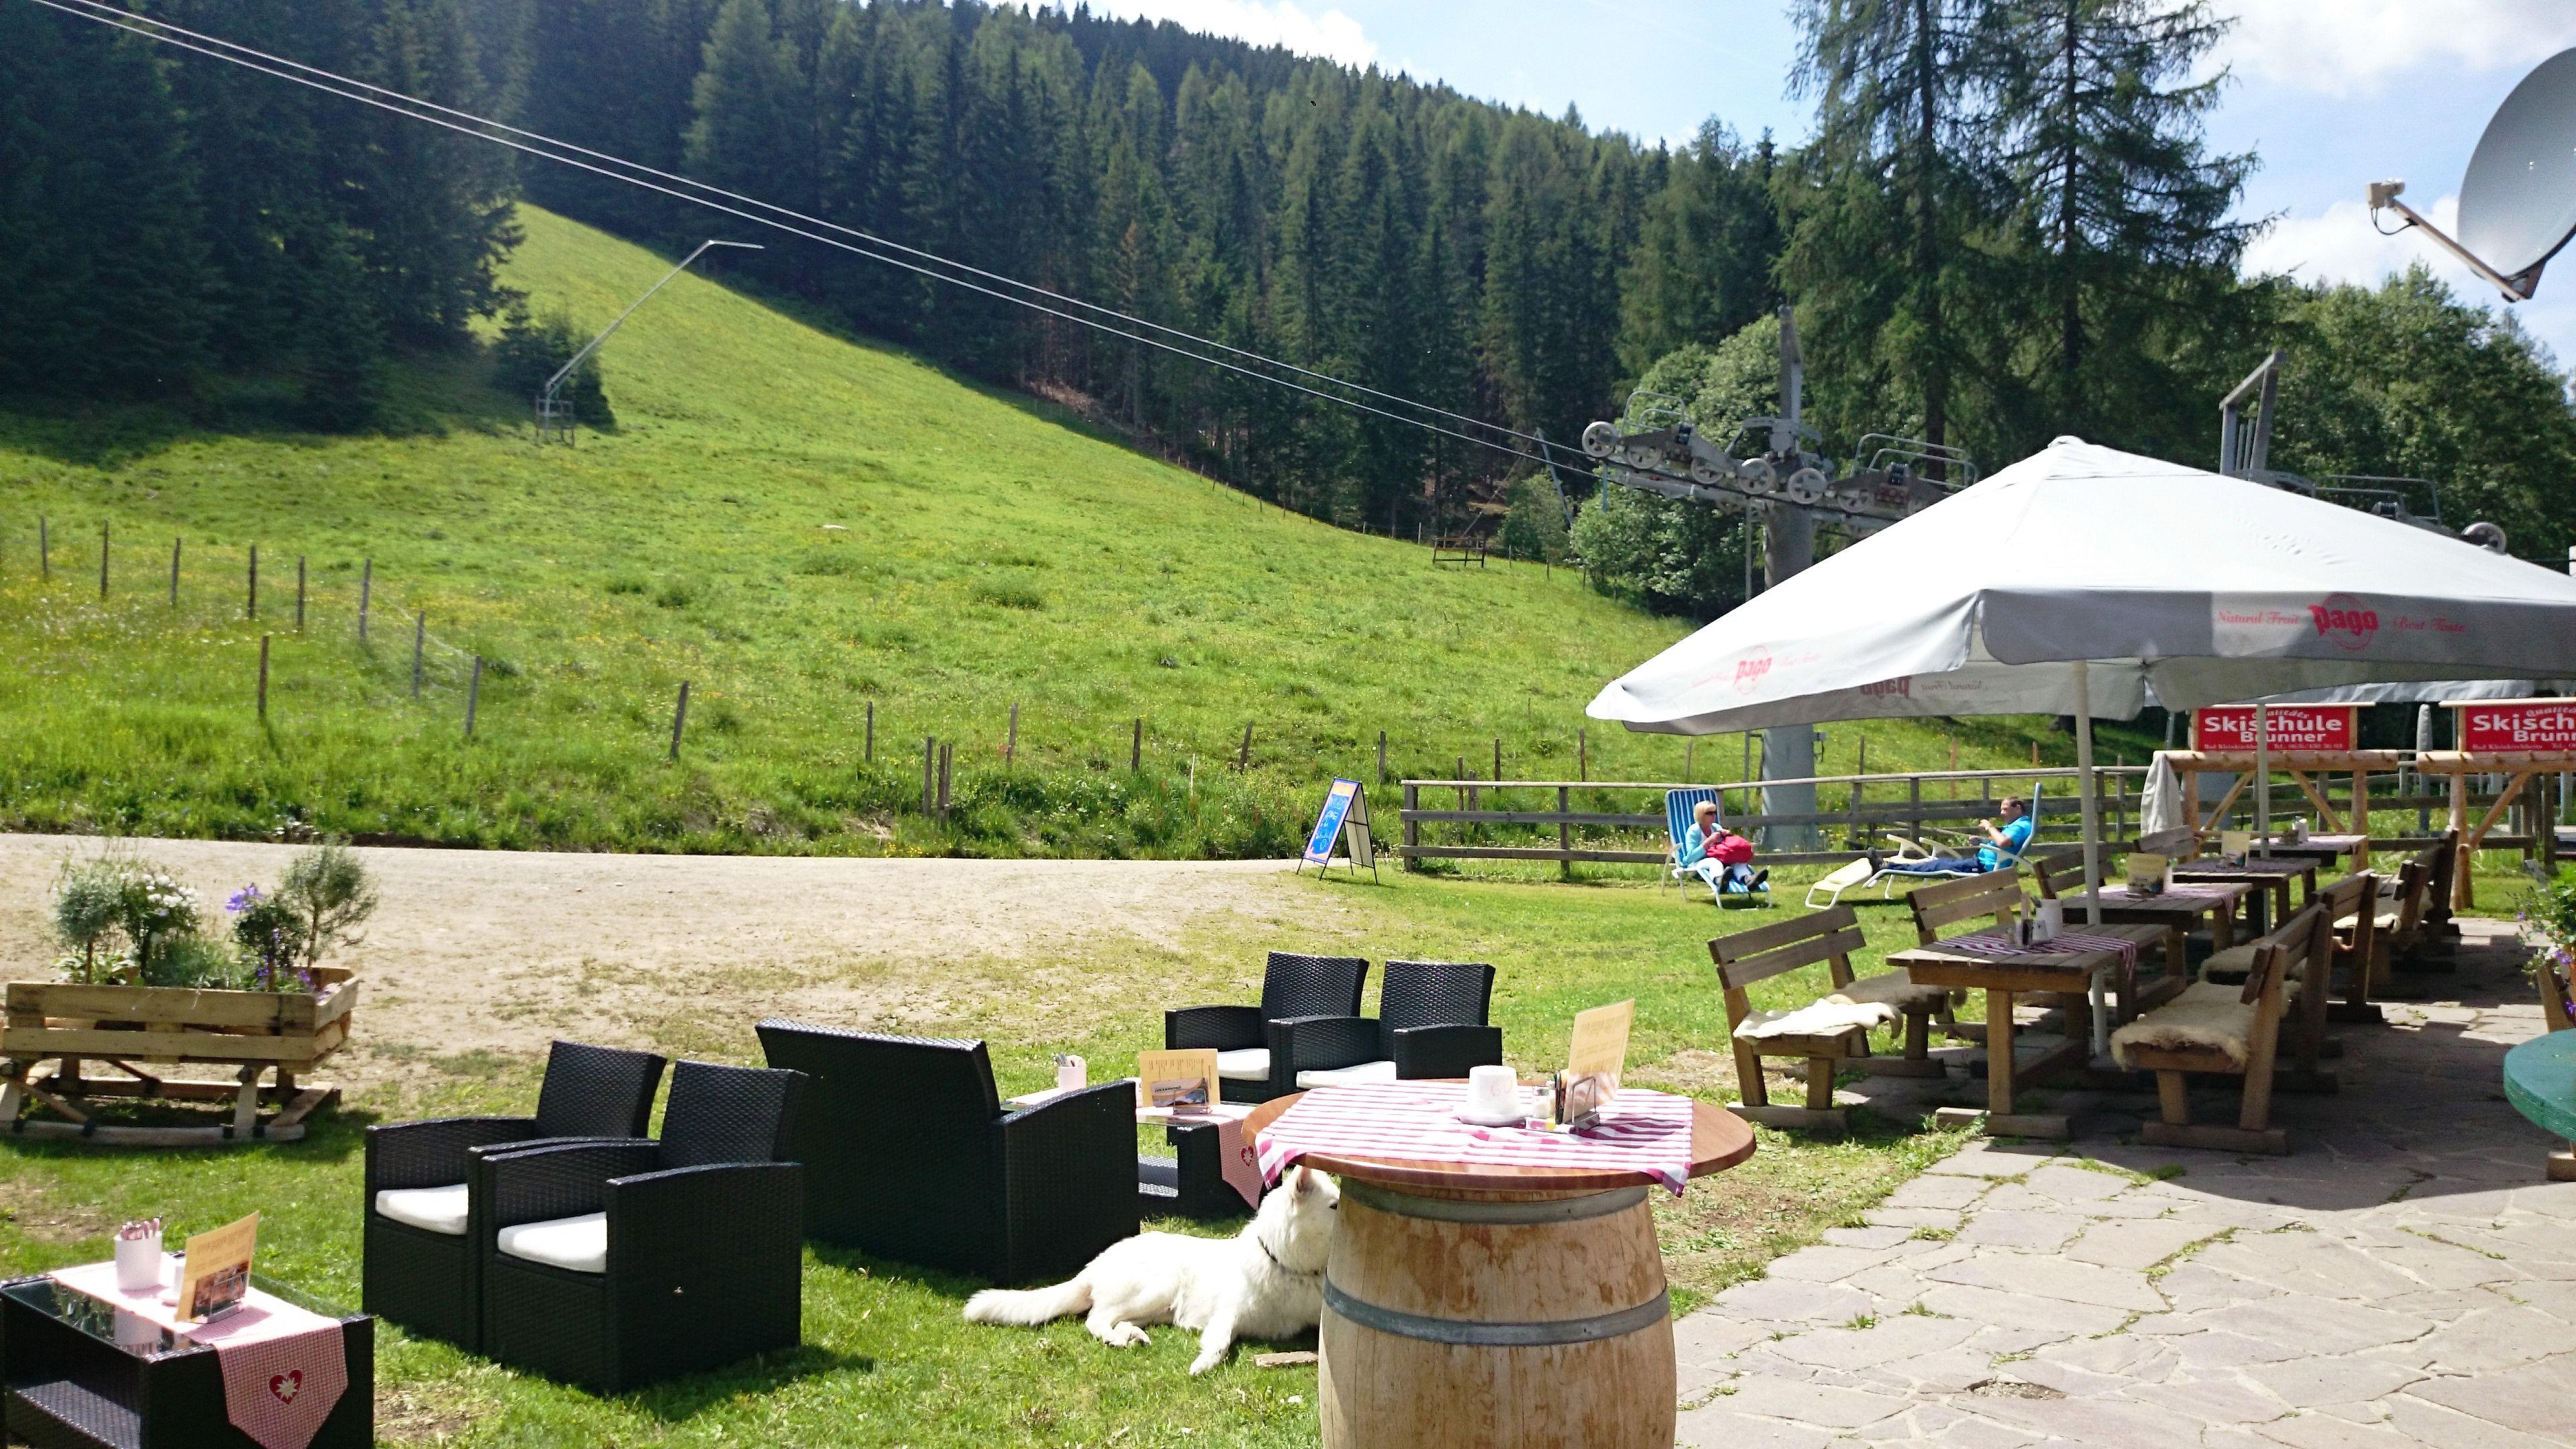 Sommer auf über 1300 Meter - genießen Sie die Bergluft auf der Sonnenterrasse der Strohsackhütte :) Wir freuen uns auf Sie....www.almrausch.co.at